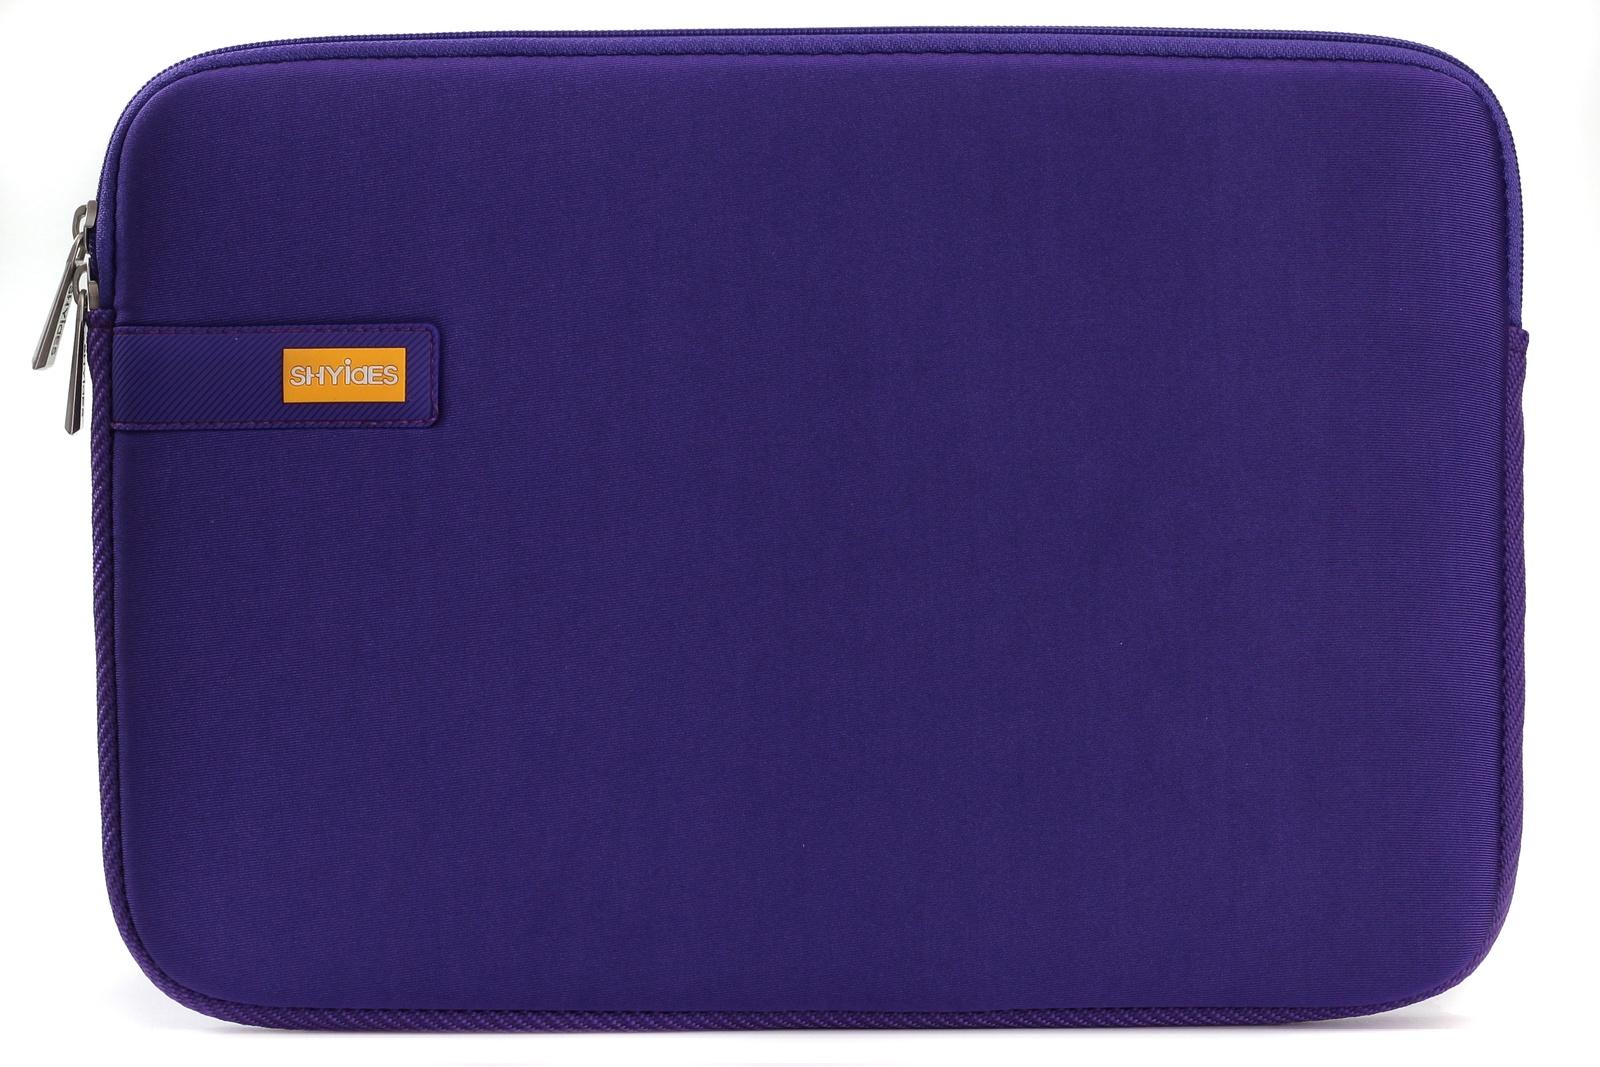 Чехол сумка SHYIDES для ноутбука 12, фиолетовый